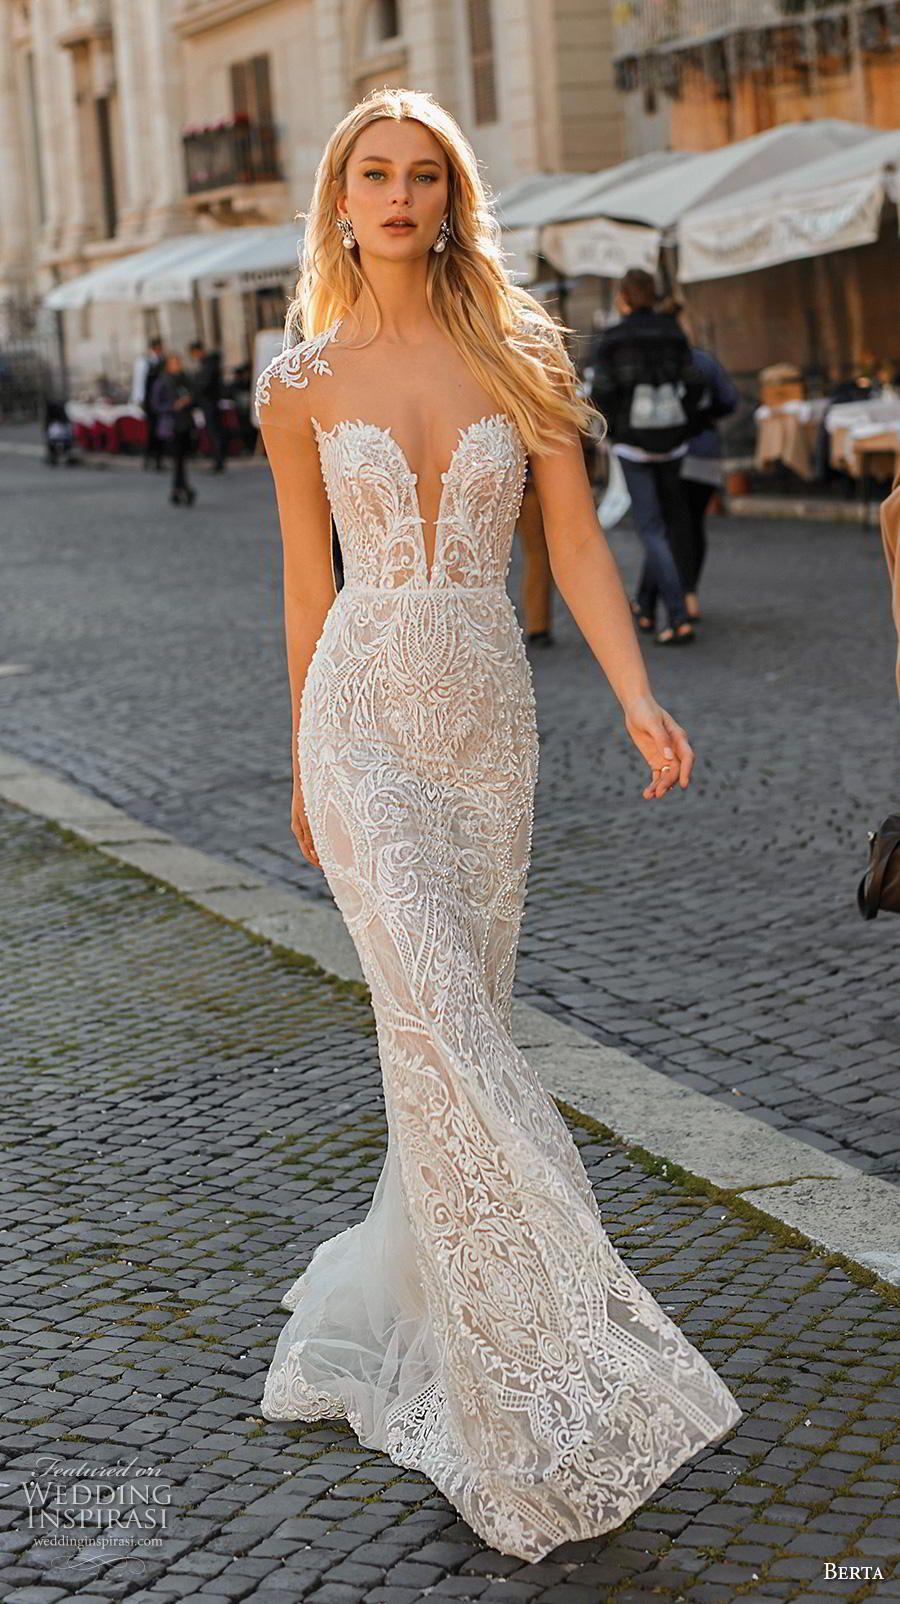 Berta Privée No. 2 Wedding Dresses — 2020 Bridal Collection | Wedding Inspirasi #bertaweddingdress